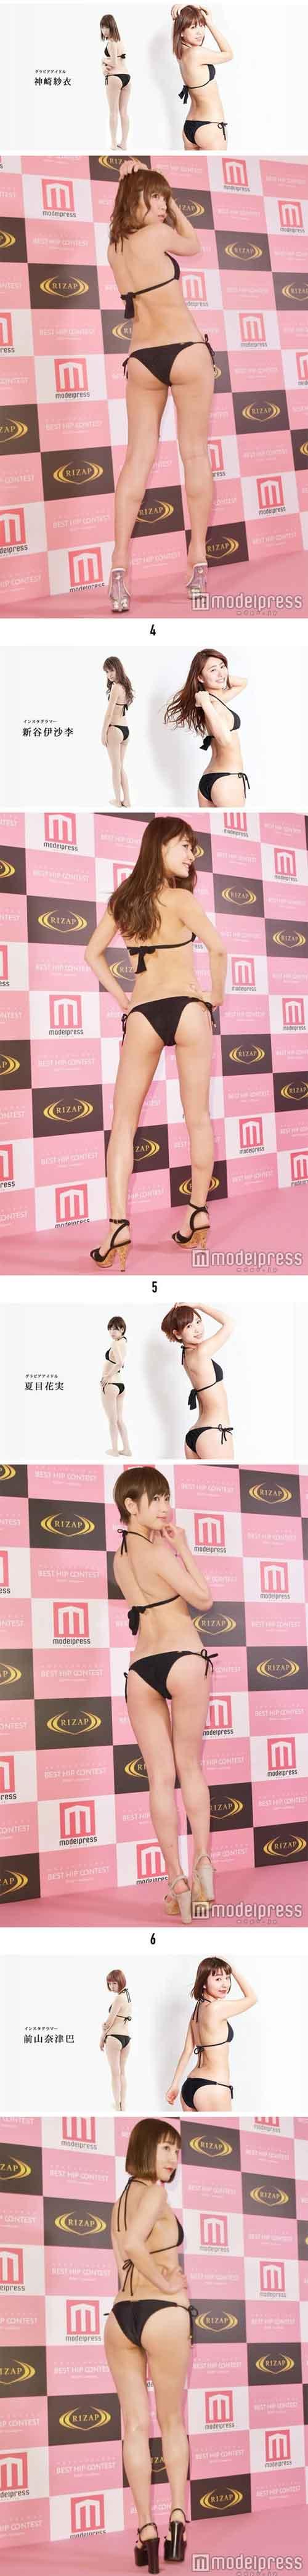 Bất ngờ với cuộc thi Hoa hậu vòng 3 nước Nhật? - 6